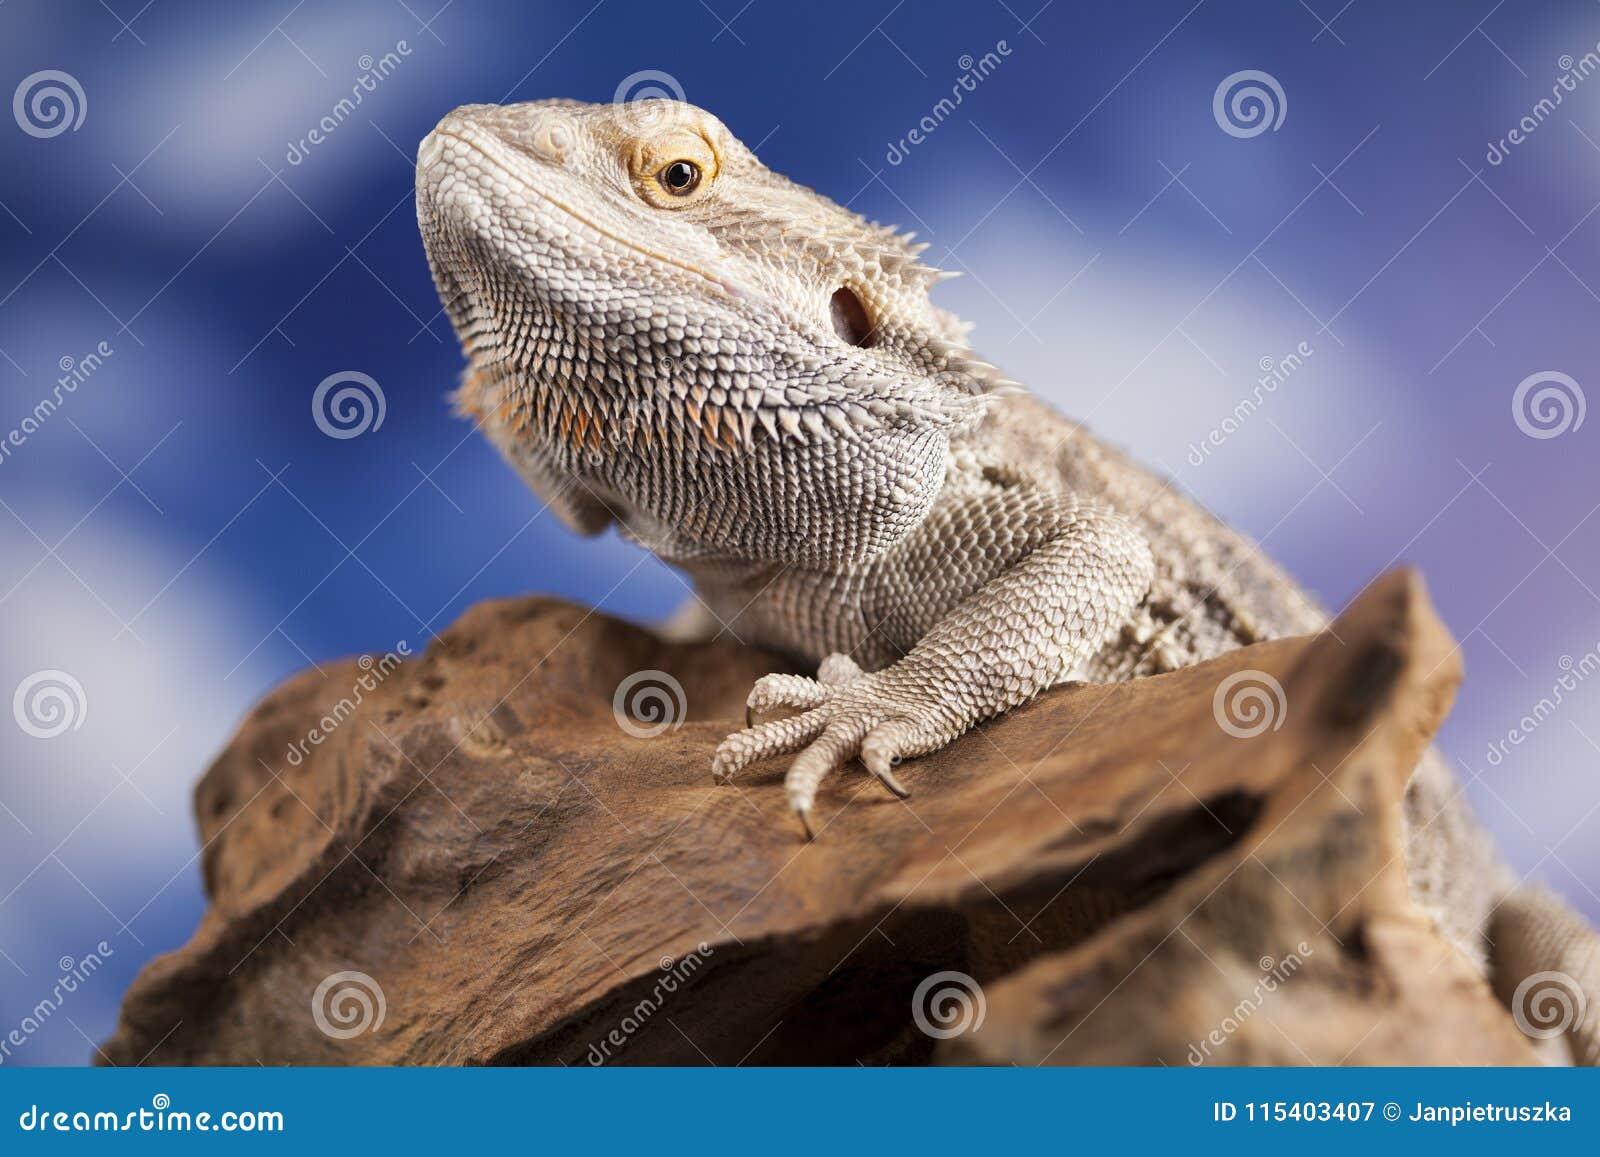 Agama Bearded, Pet On Black Background, Reptile Stock Image - Image